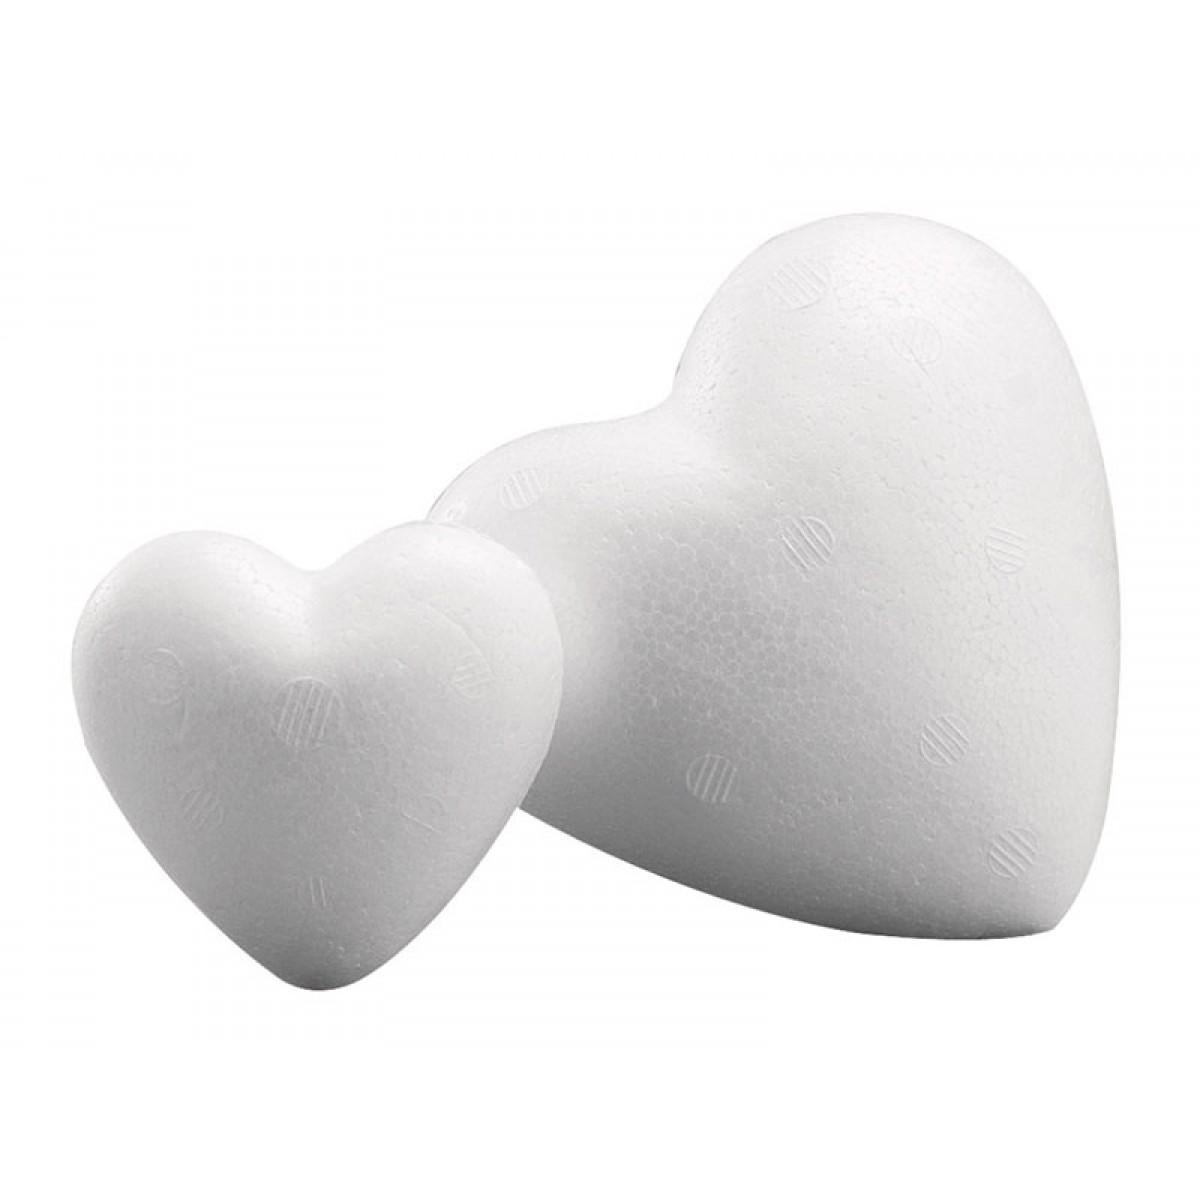 Καρδιά Φελιζόλ 9cm  Υλικά Χειροτεχνίας